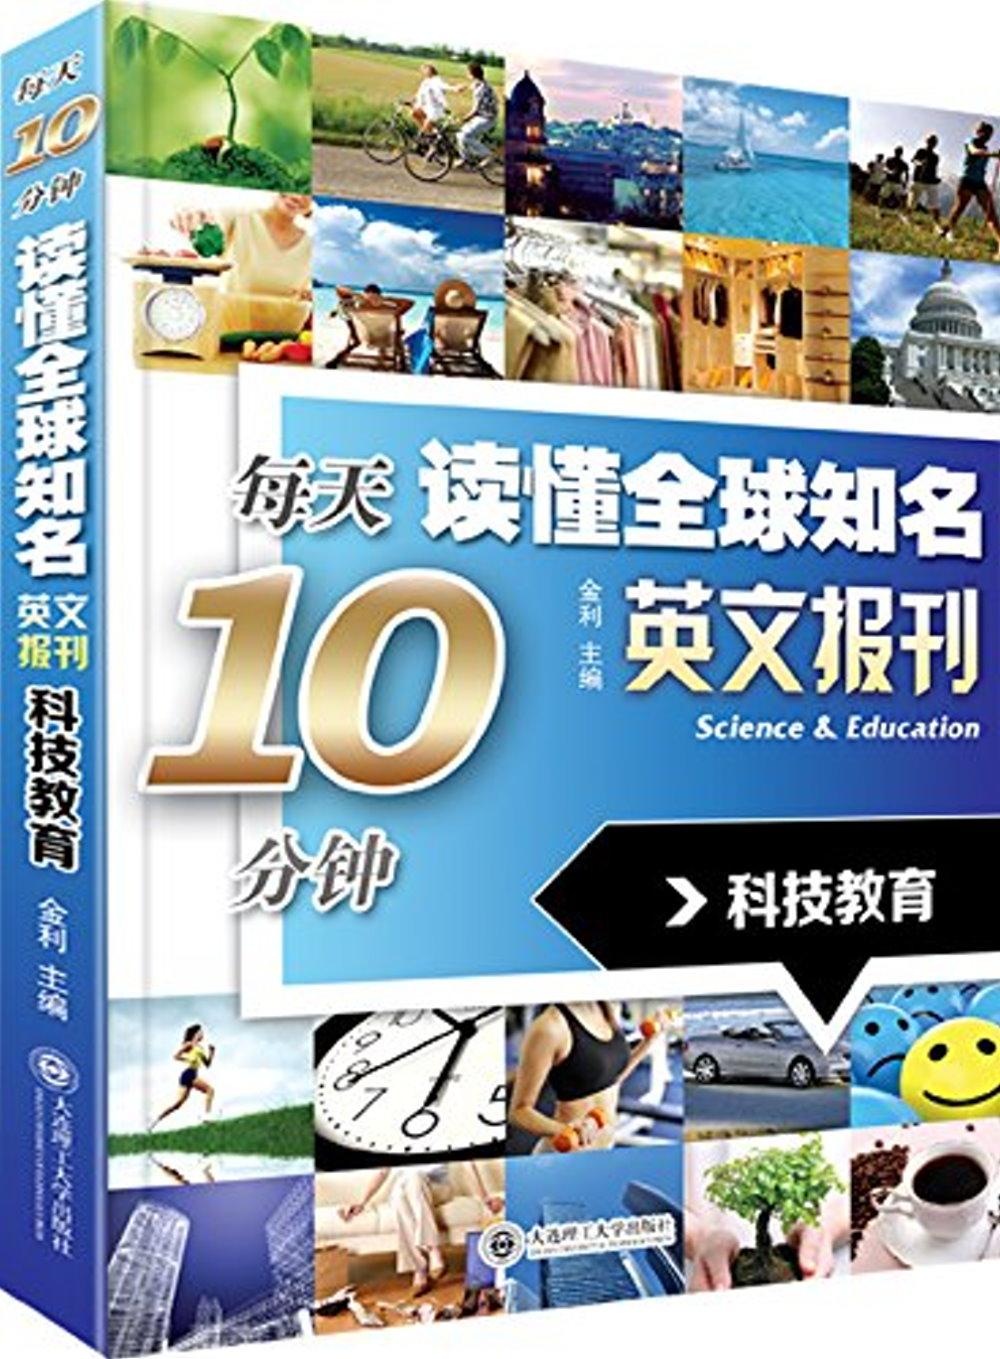 每天10分鍾讀懂 知名英文報刊:科技教育